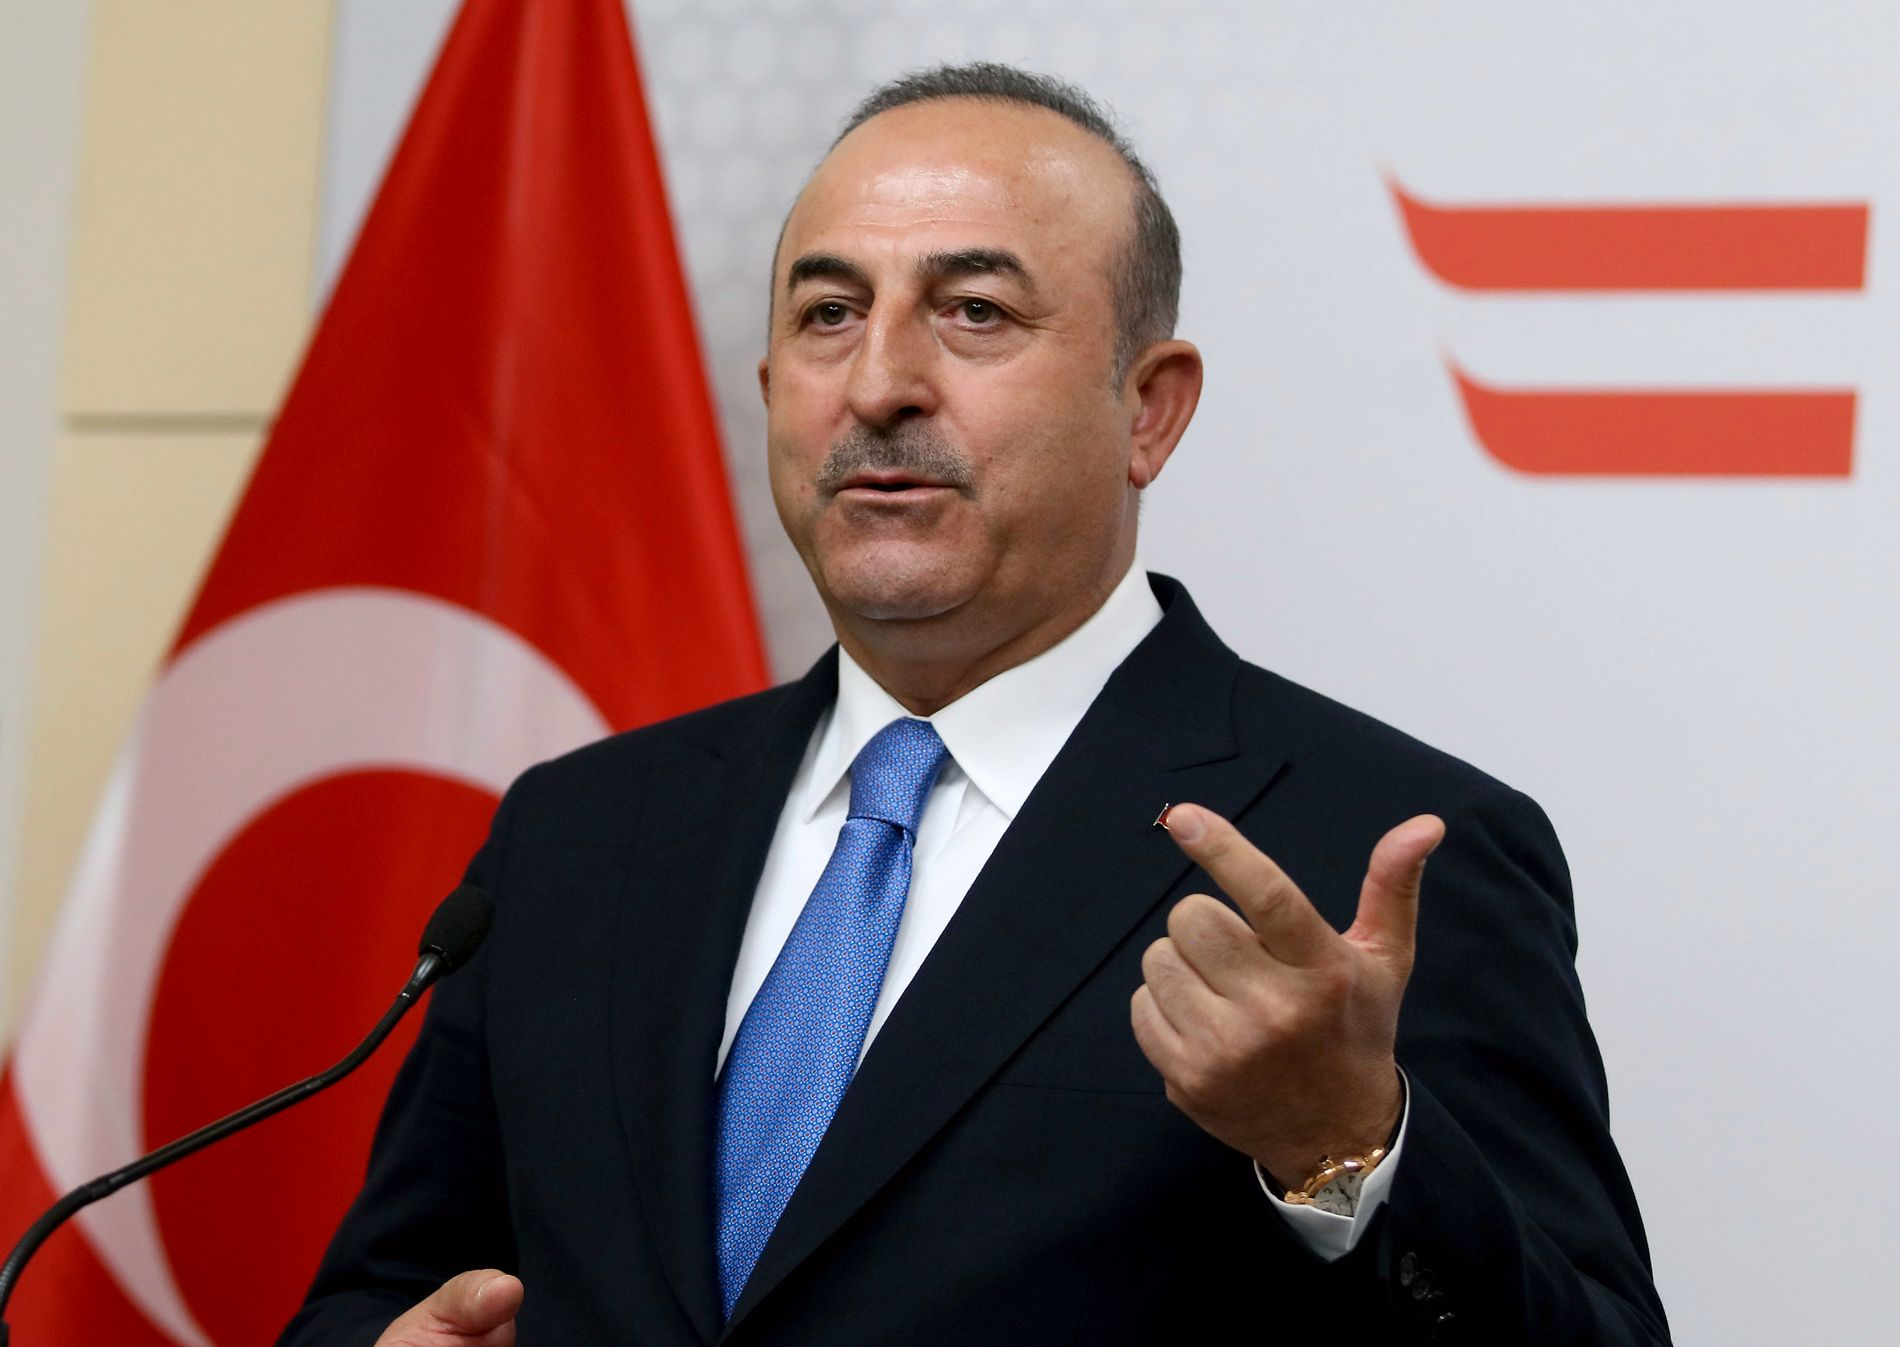 KONSEKVENSER: Tyrkias utenriksminister, Mevlut Cavusoglu, sier at Israels ambassadør har blitt bedt om å forlate Tyrkia «for en stund», etter de blodige konfrontasjonene i Gaza mandag.